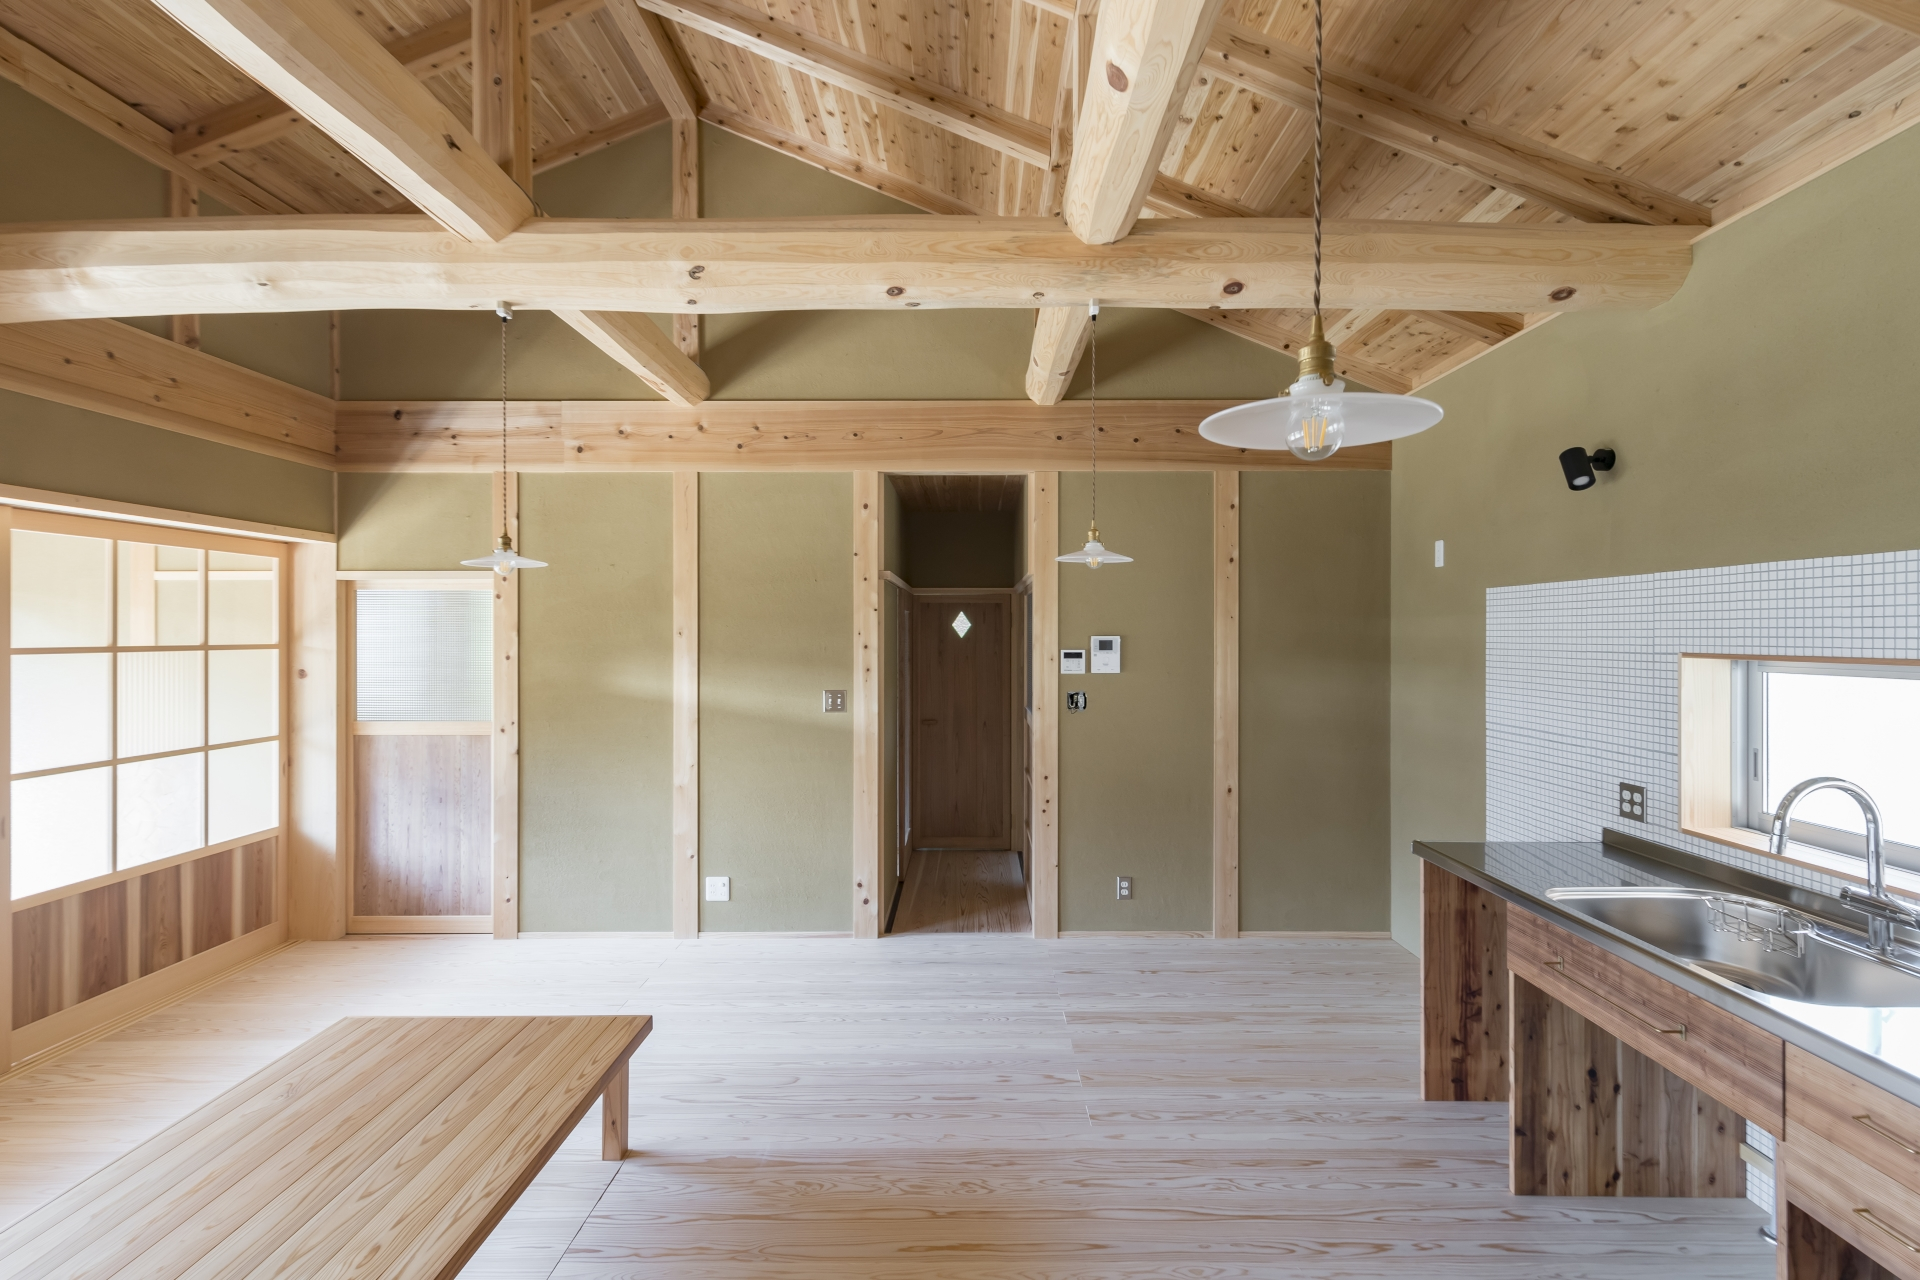 WOODLIFE style 丸守木材【子育て、自然素材、平屋】廊下の奥は、お風呂やトイレ、家族みんなのウォークインクローゼット。生活しやすさを考えられた導線で、お風呂から着替えまでがスムーズに。廊下の隣は主寝室。こちらもこだわりの建具